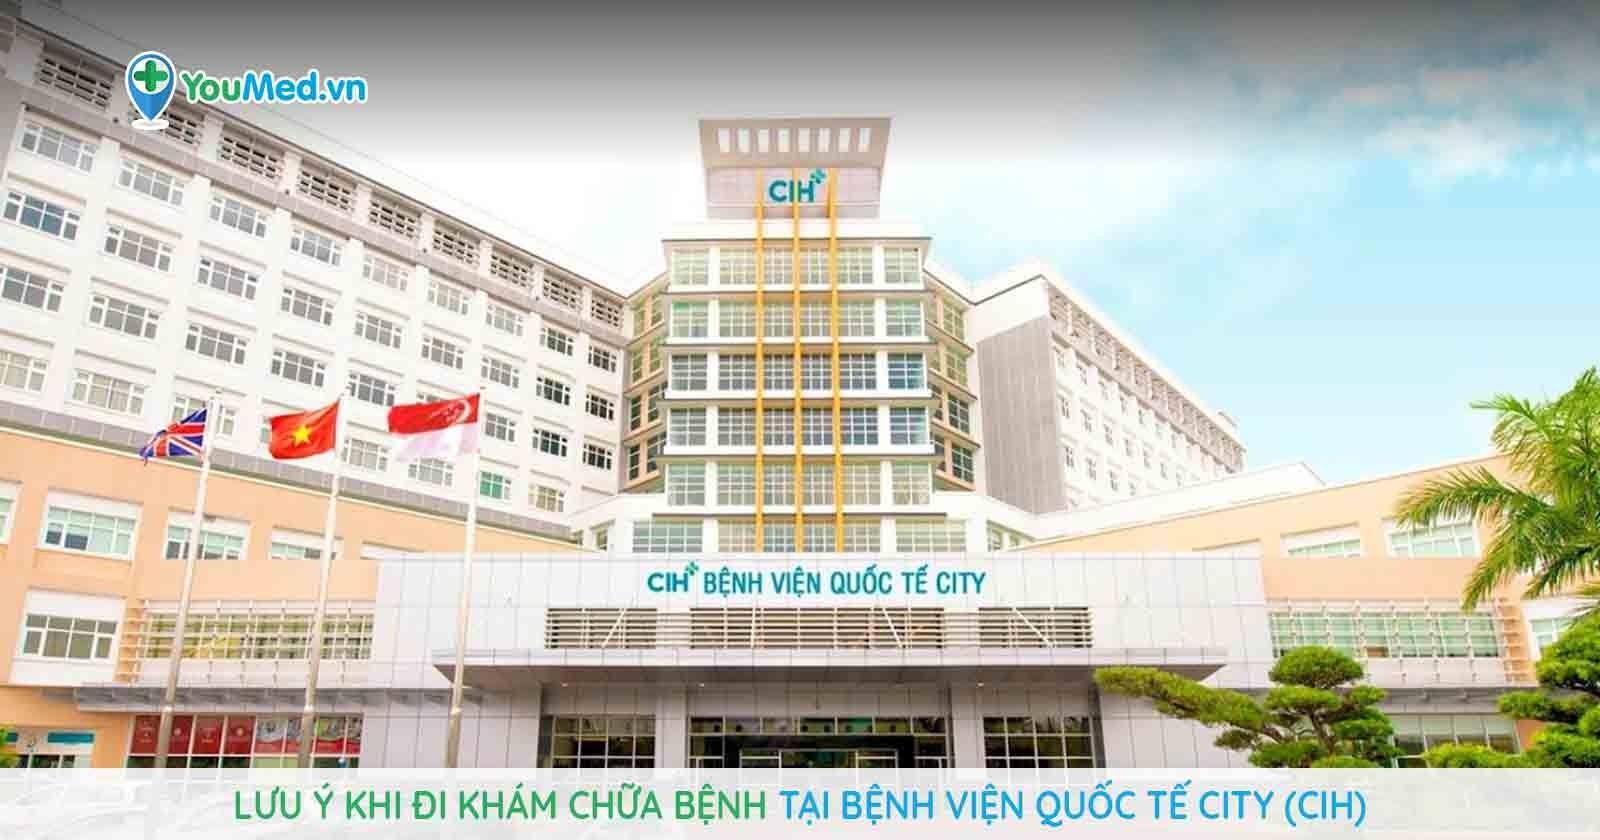 Những điều cần lưu ý khi đi khám chữa bệnh tại Bệnh viện Quốc tế City (CIH)